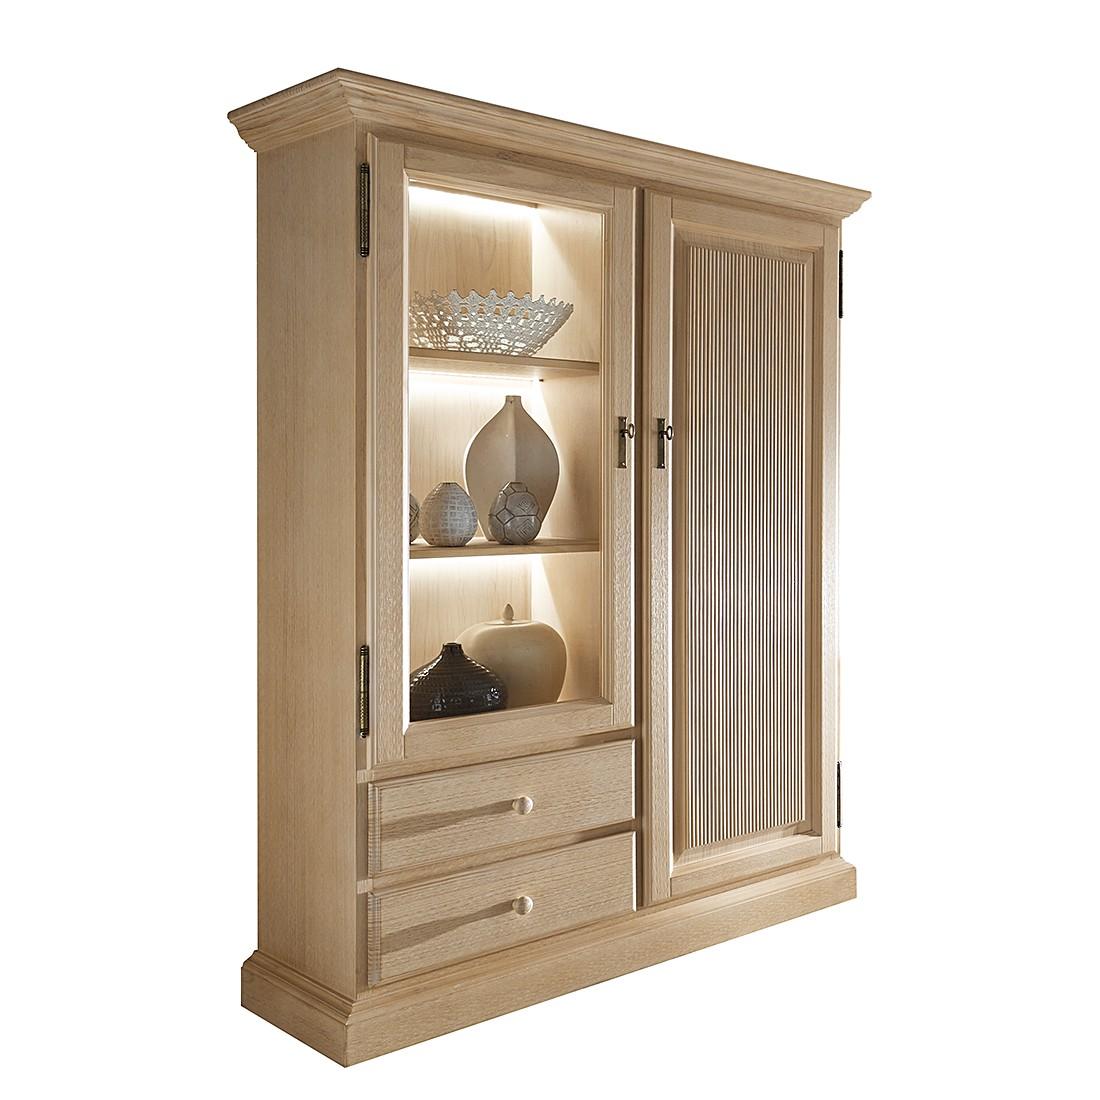 vitrinenschrank breddin iii pinie massiv ohne beleuchtung landhaus classic bestellen. Black Bedroom Furniture Sets. Home Design Ideas